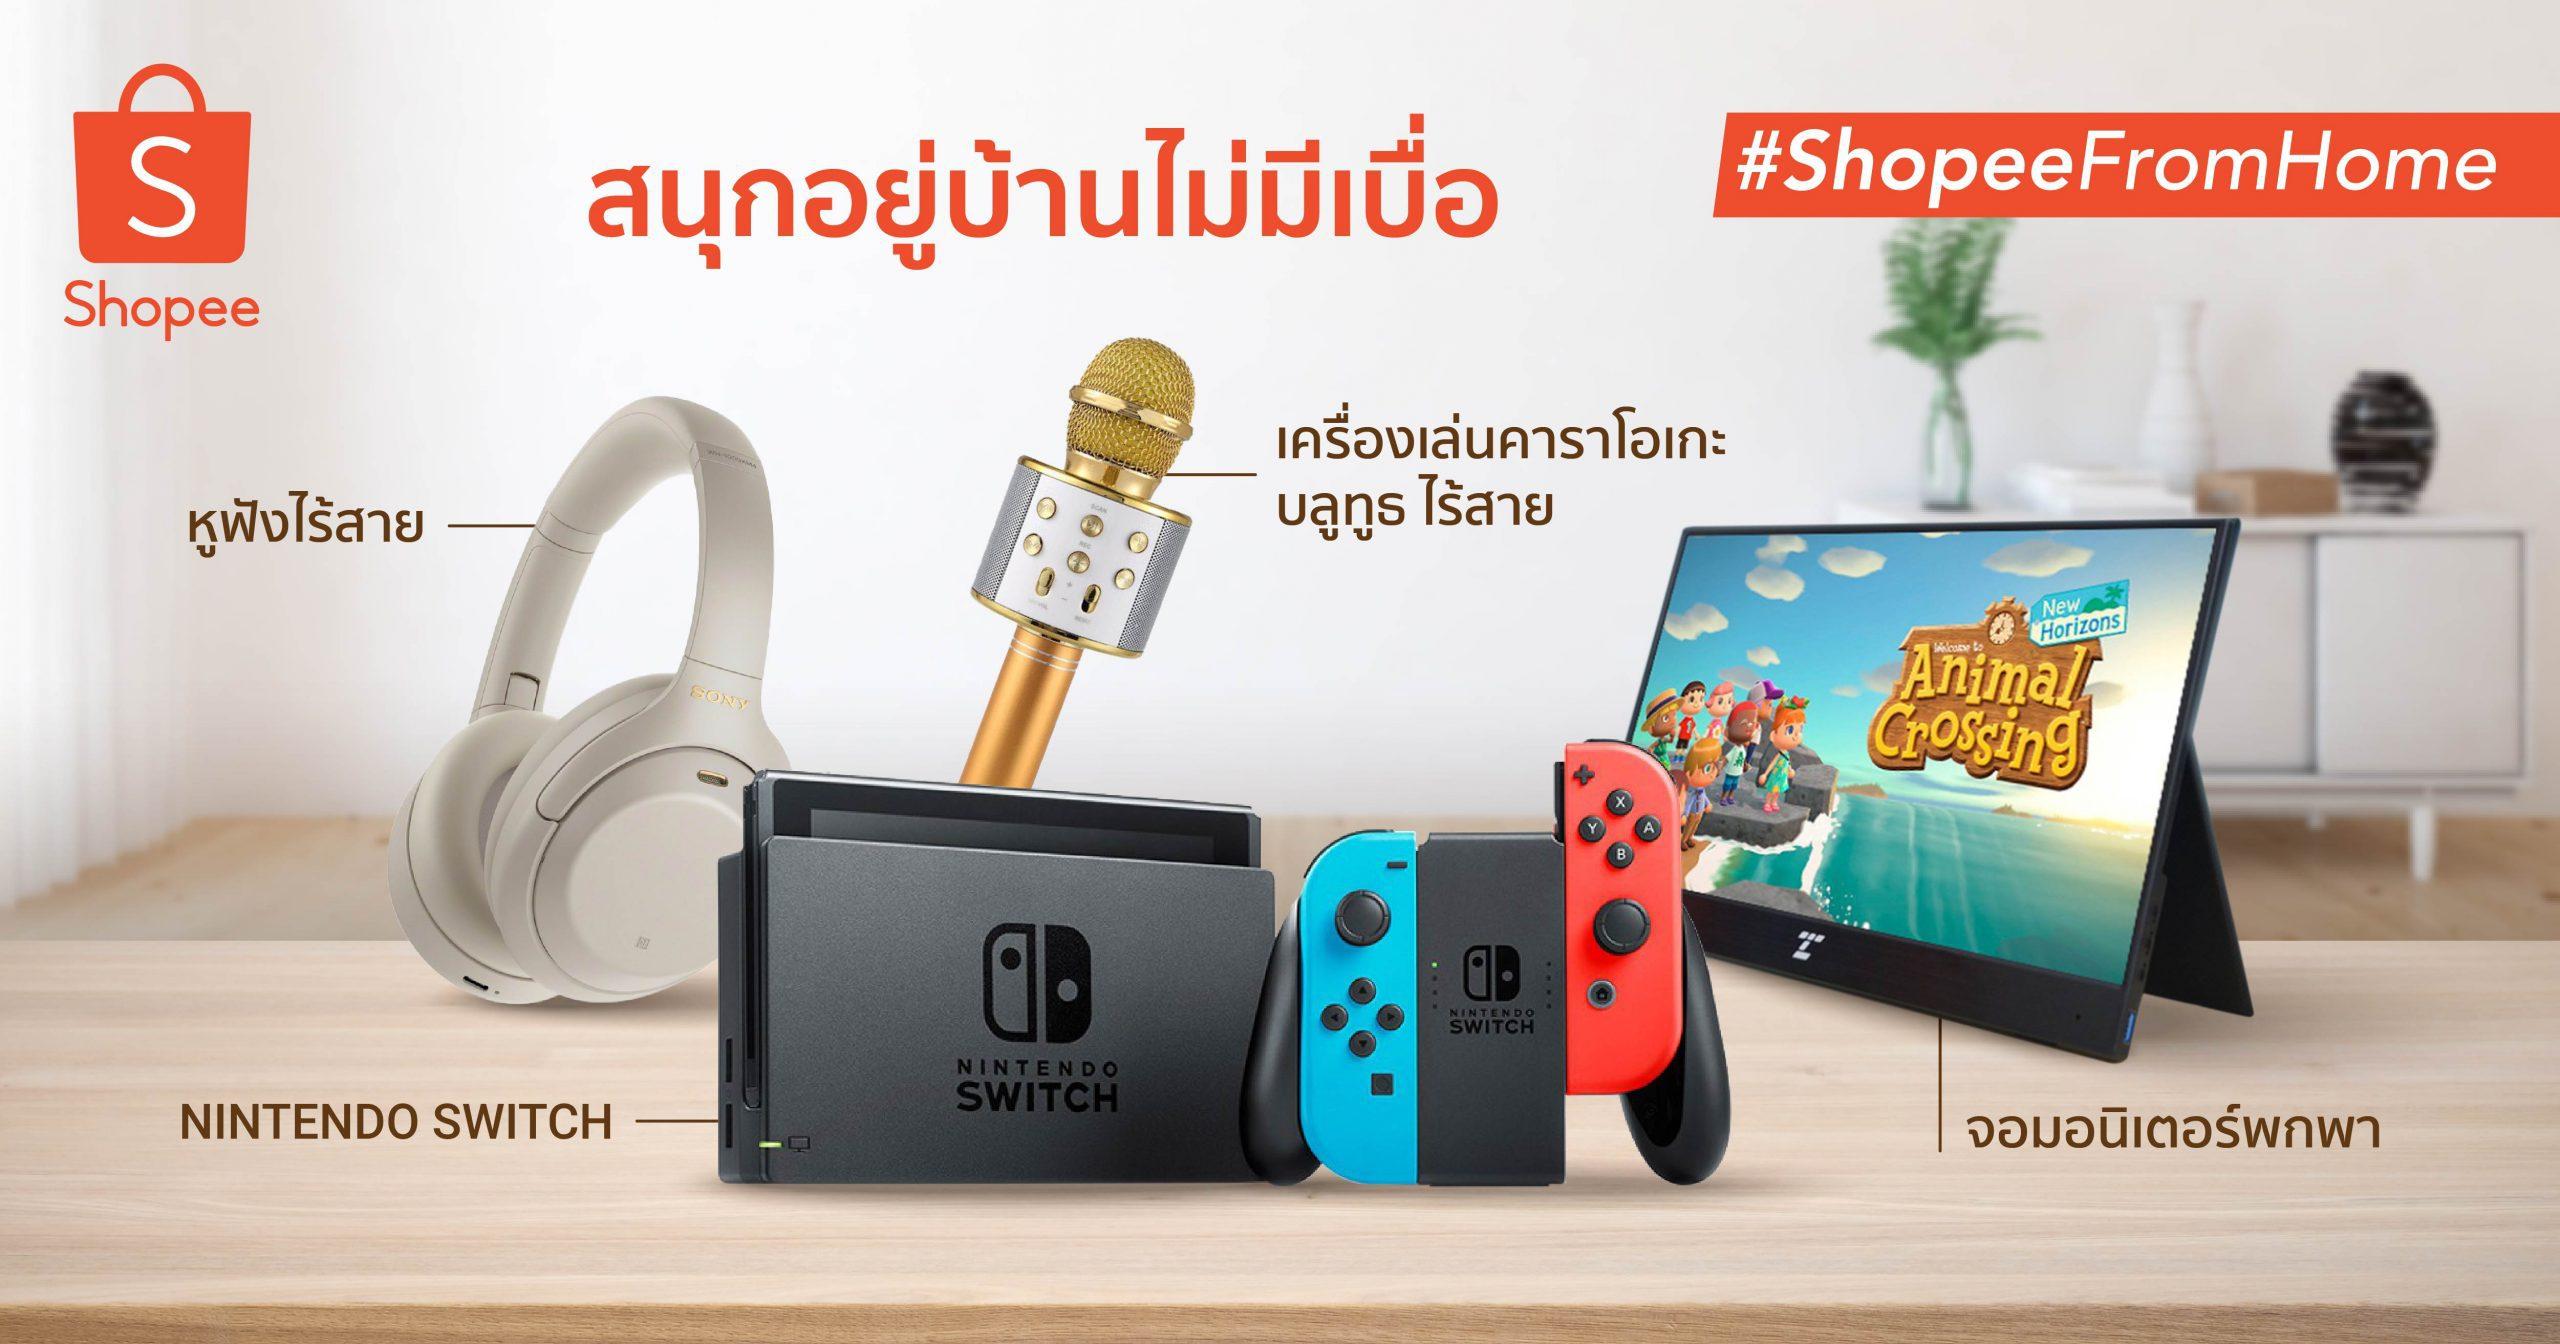 """""""ช้อปปี้"""" ส่งต่อความห่วงใยนักช้อปชาวไทย ผ่าน #ShopeeFromHome พร้อมเติมเต็มความสุขจากบ้านด้วย 4 กิจกรรมสุดไฮไลท์หลังวันหยุดยาว"""